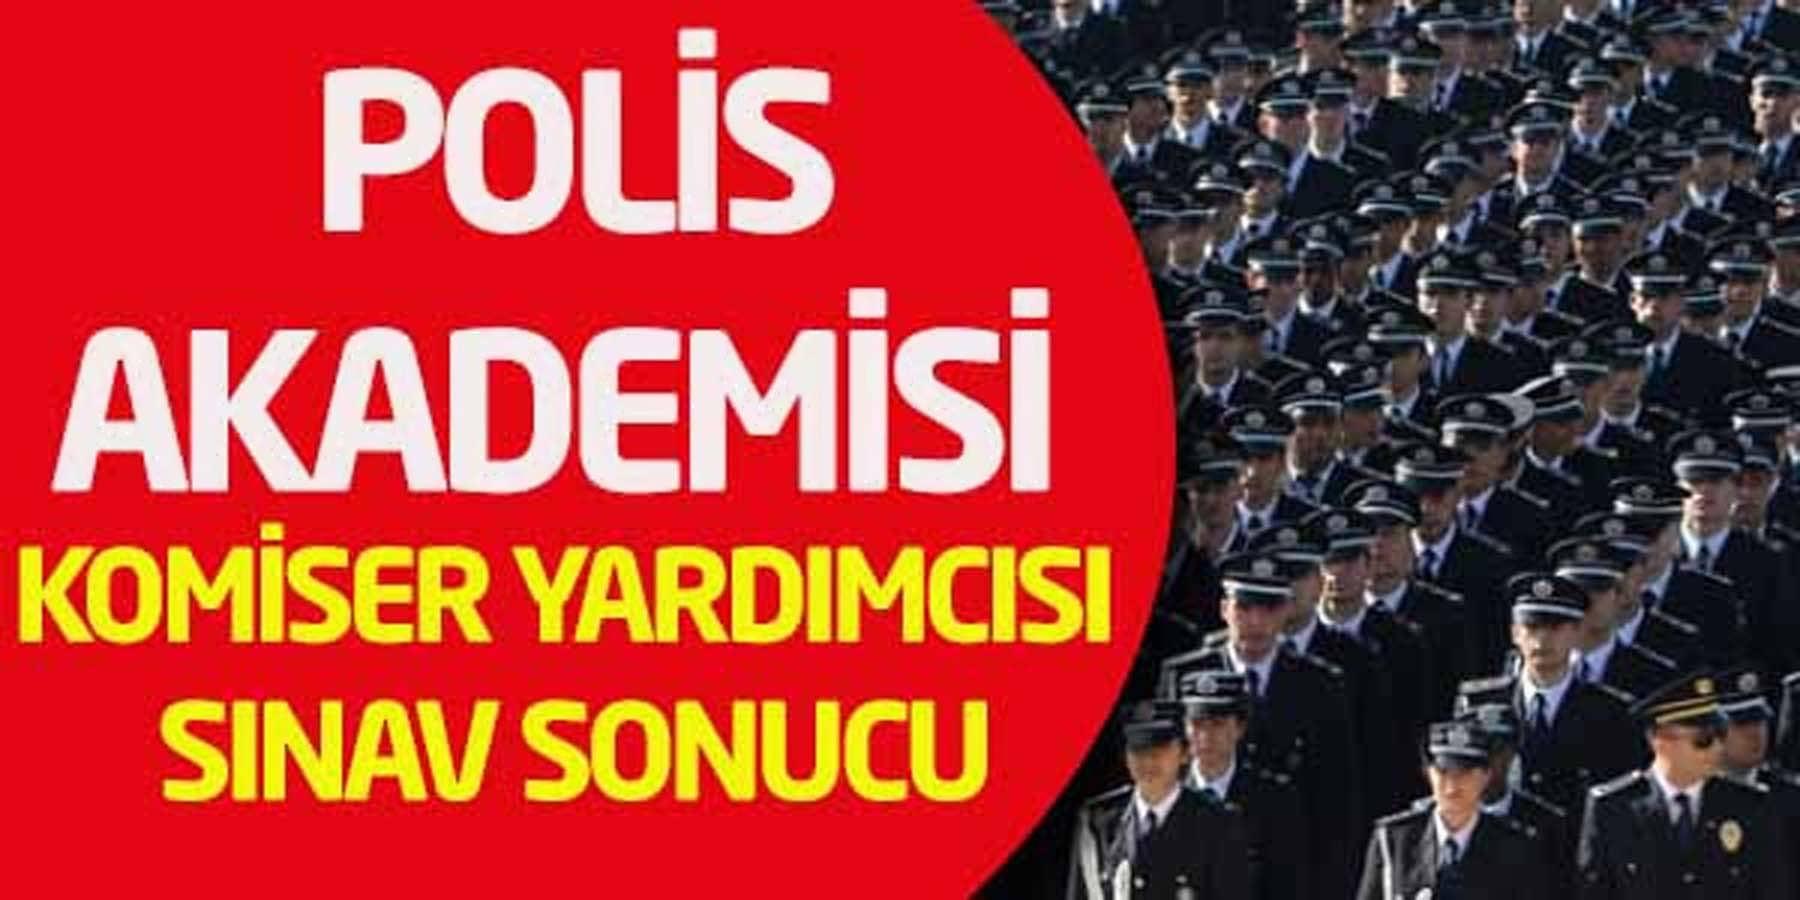 Polis Akademisi 2000 Komiser Yardımcısı Sınav Sonucu